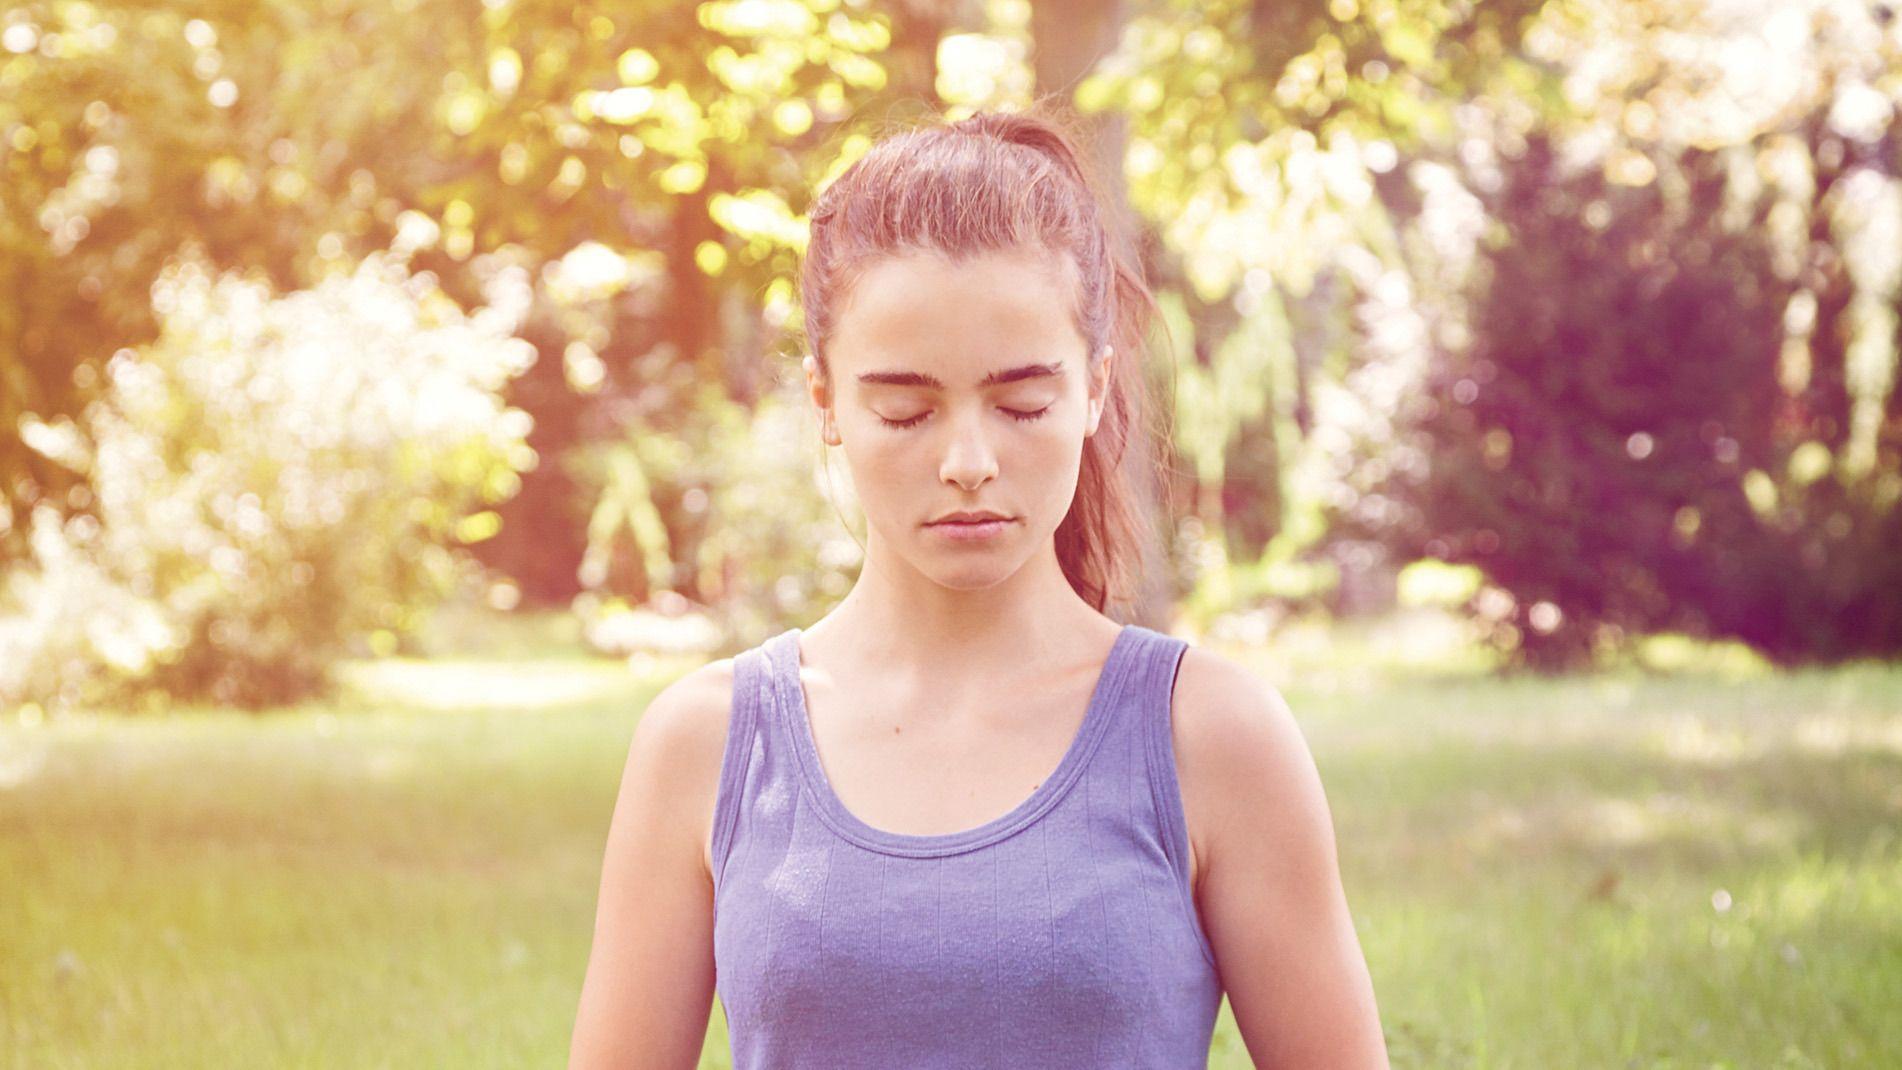 Vortrag mit Meditation am Mittwochabend